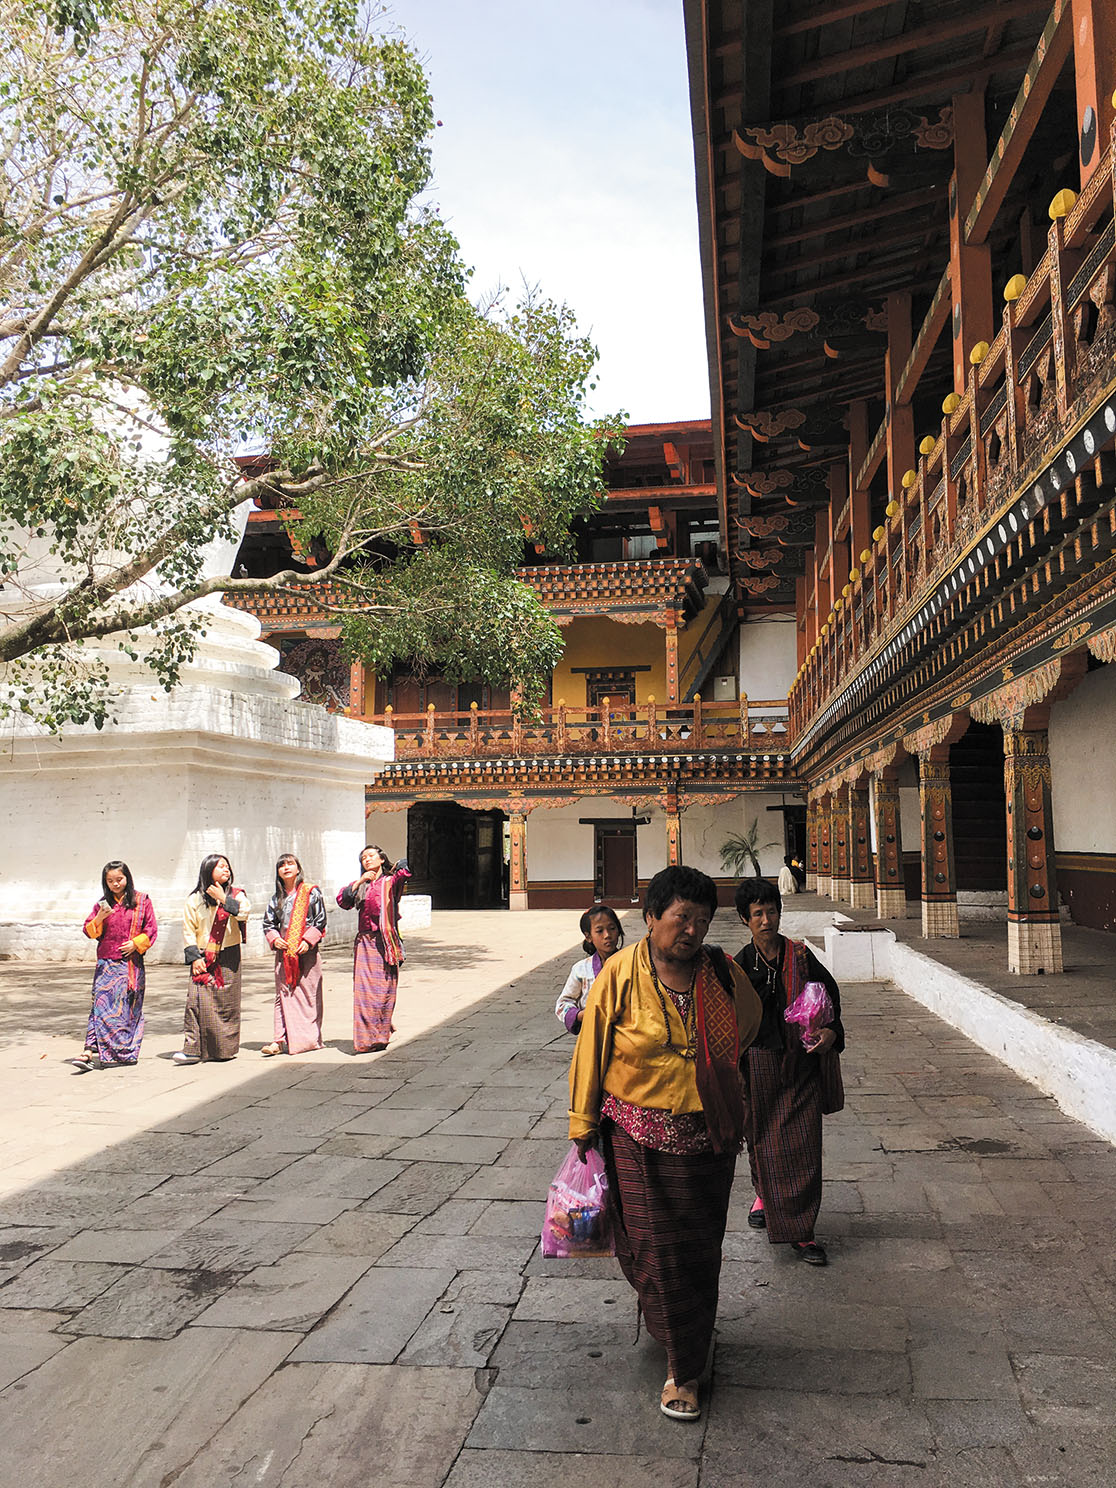 プナカ・ゾンの内部。この日はブッダの命日で仏教における最も神聖な日の一つ。人々は正装して参拝に訪れる。